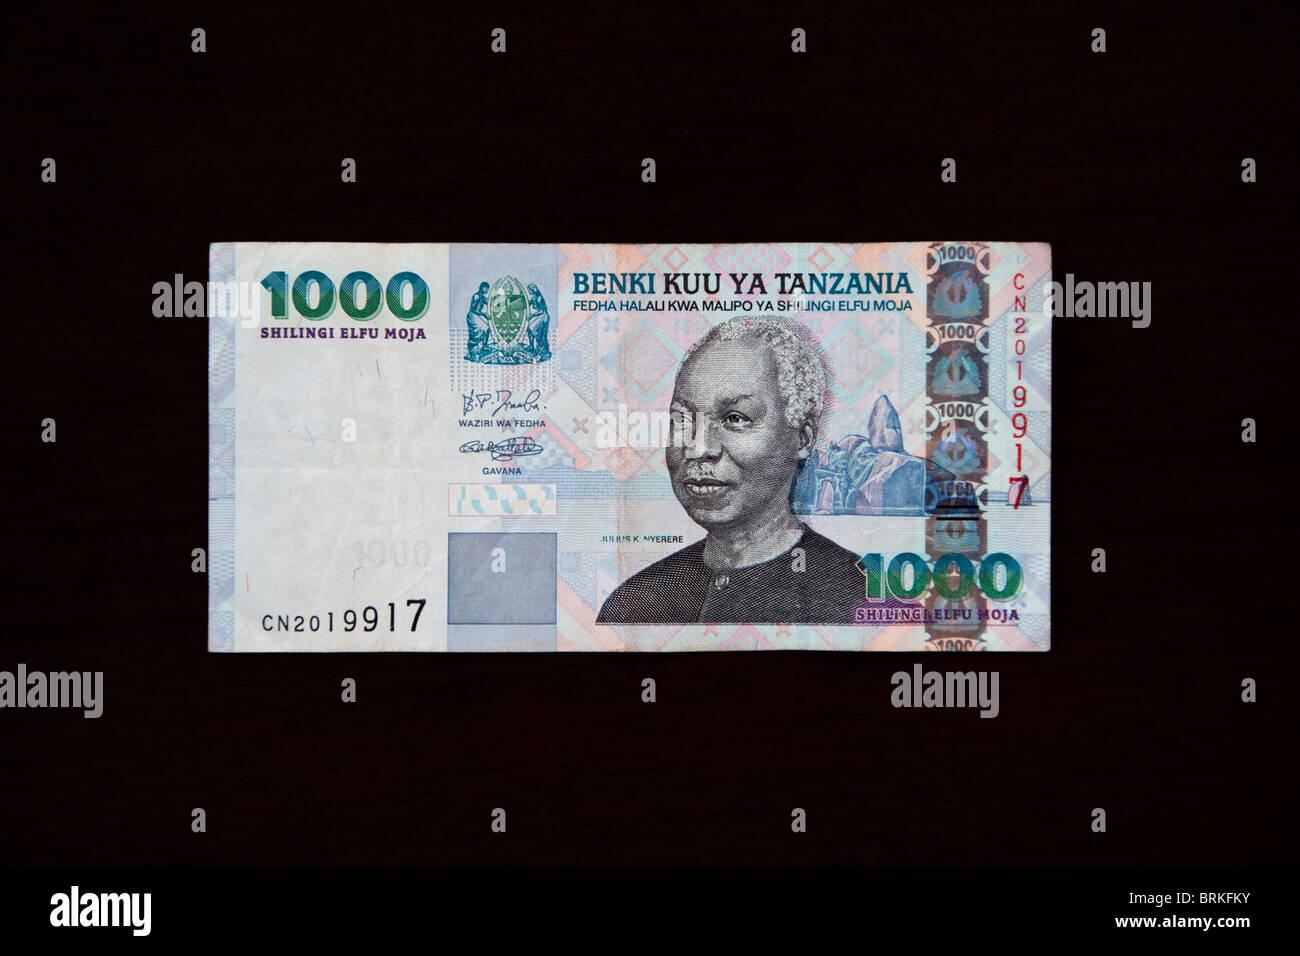 Zanzibar, Tanzania. Tanzanian Banknote. 1000 Shillings, front. Julius Nyerere. - Stock Image